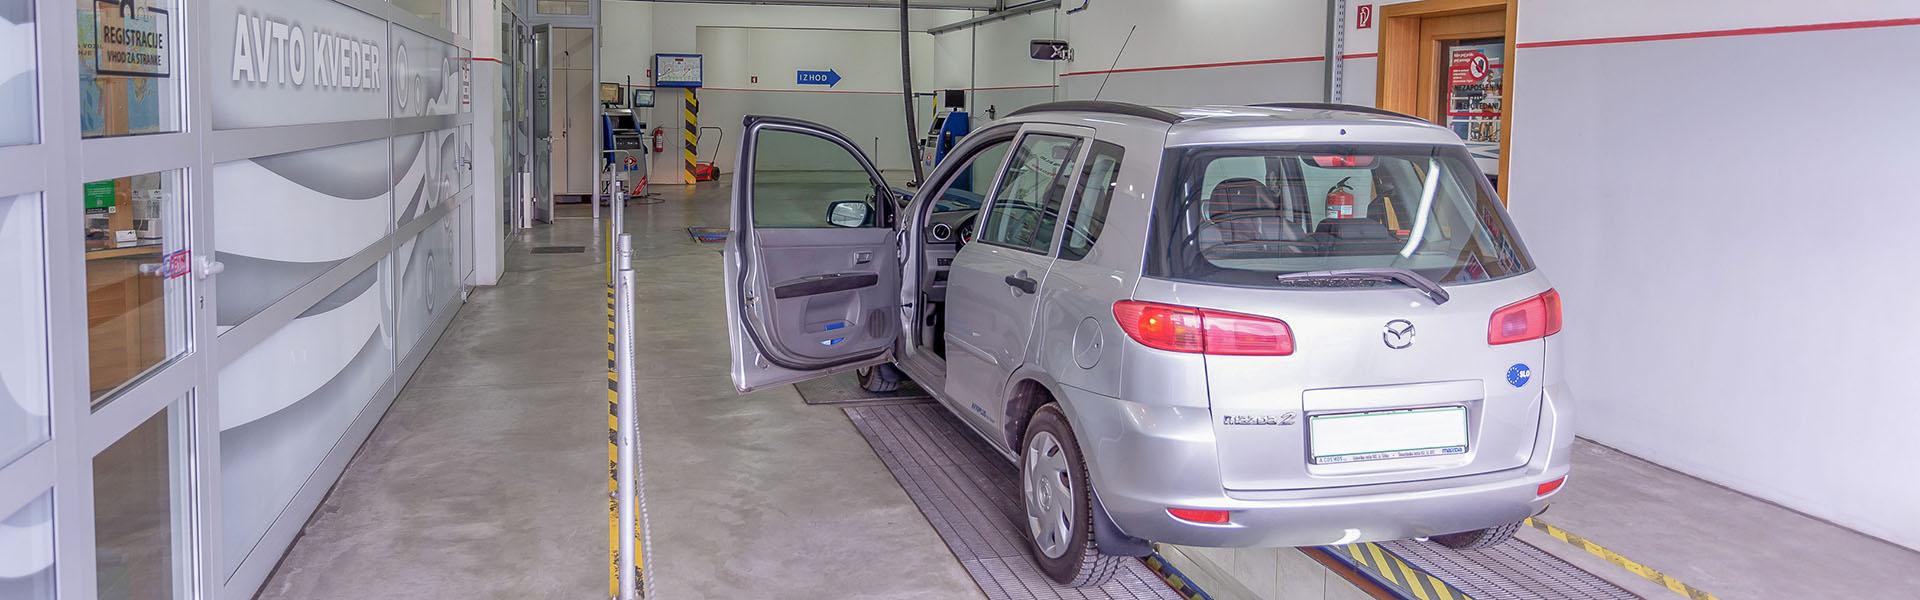 Avto KVEDER - Tehnični pregledi